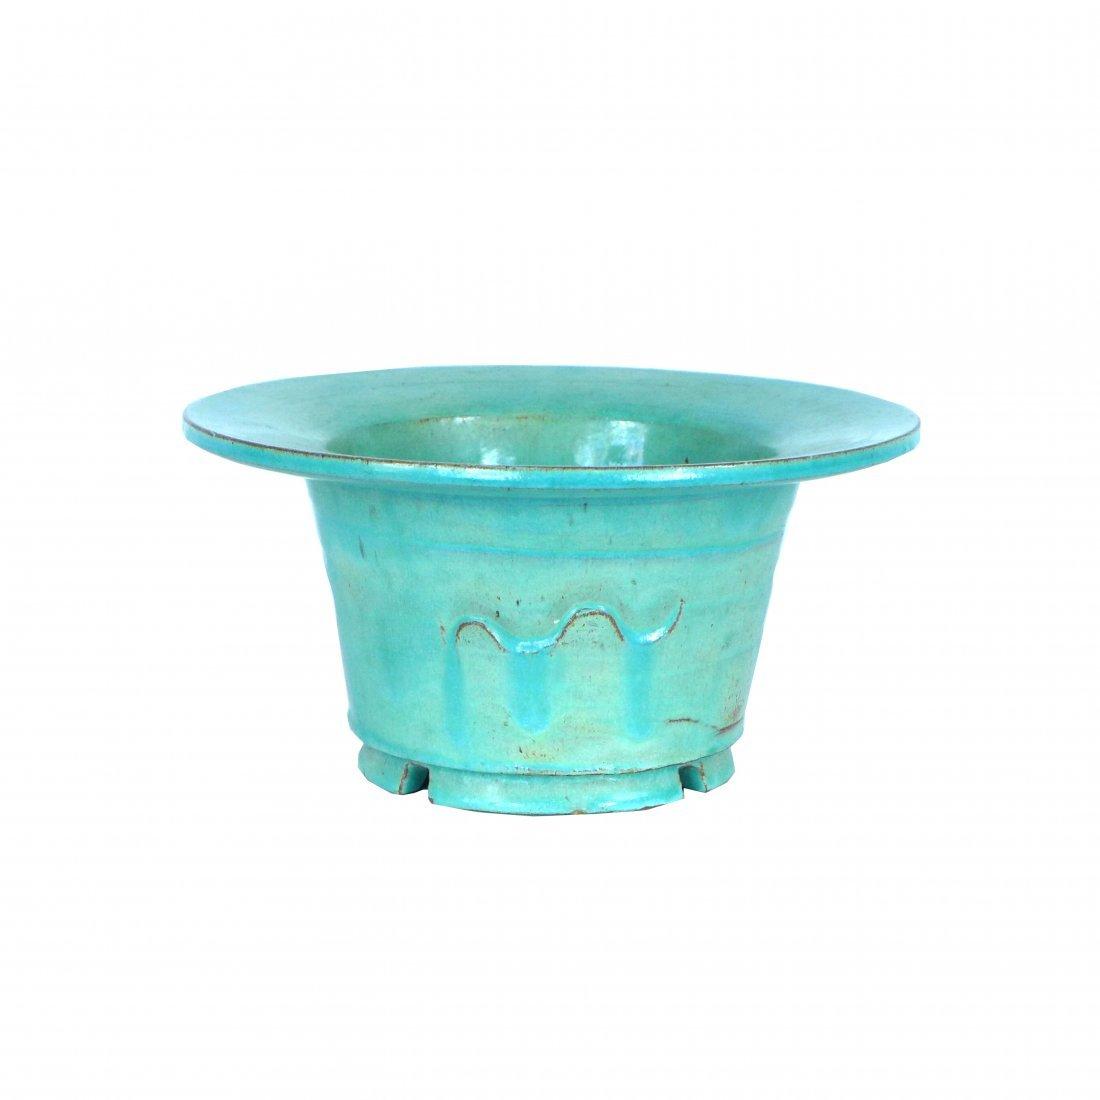 David Tolerton bowl